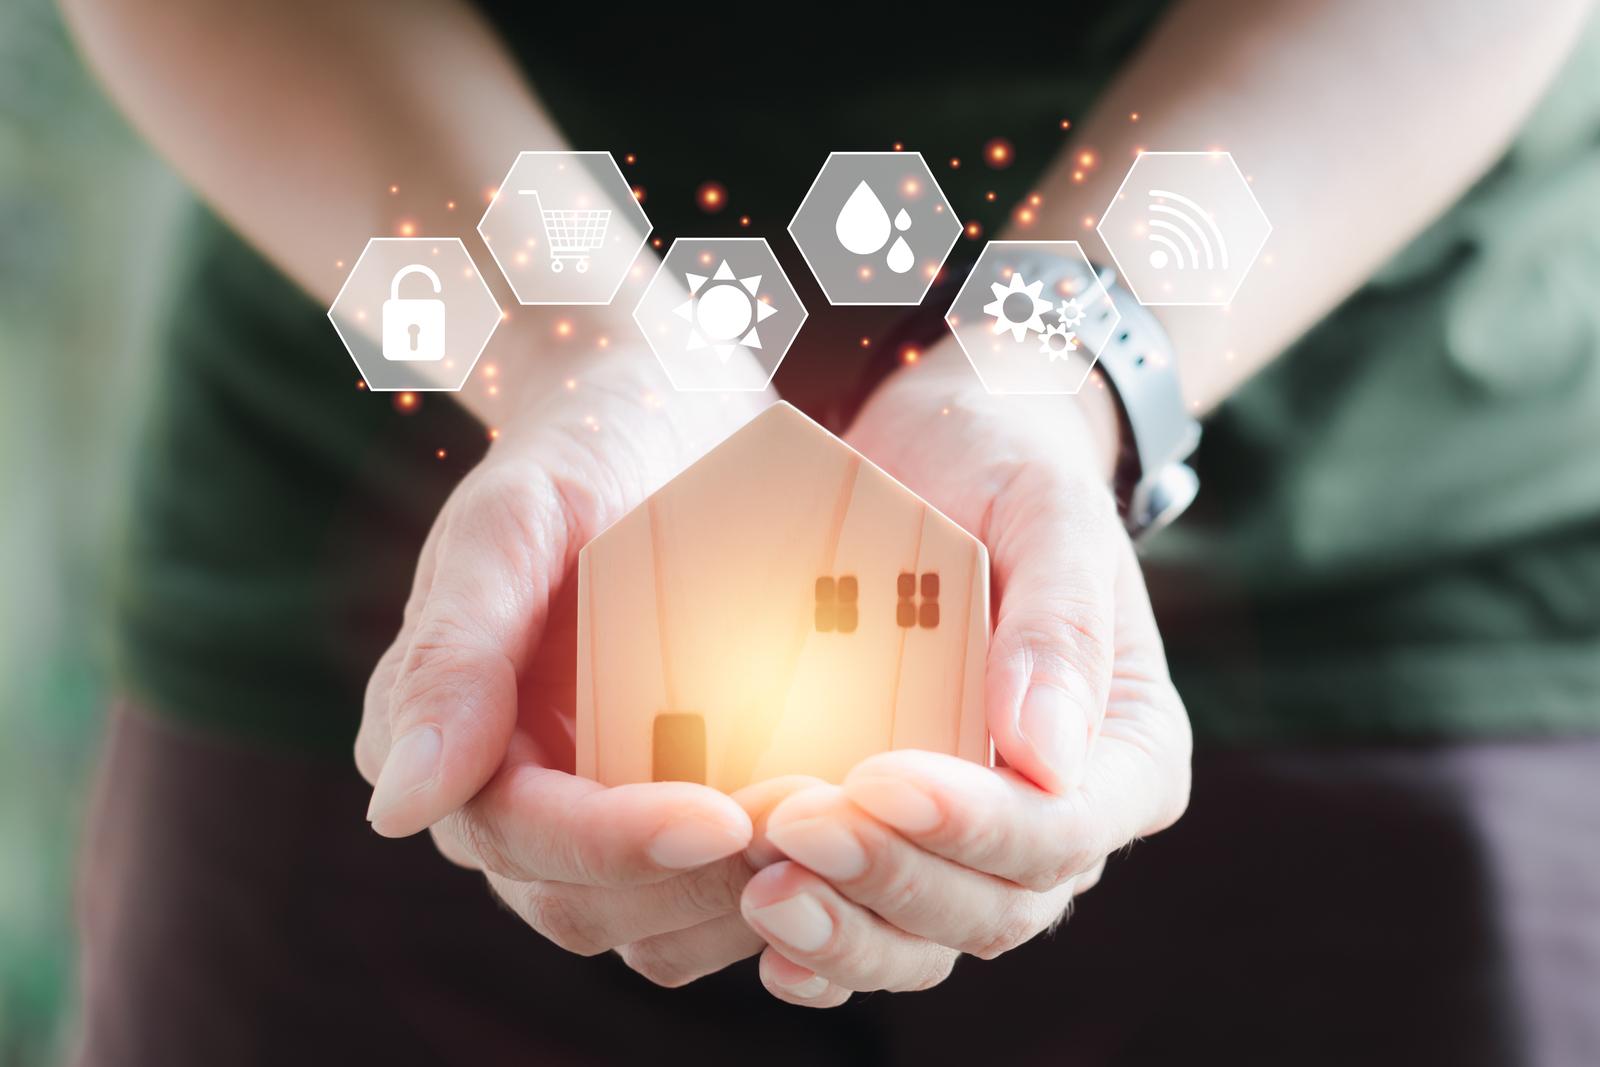 smart home in hands